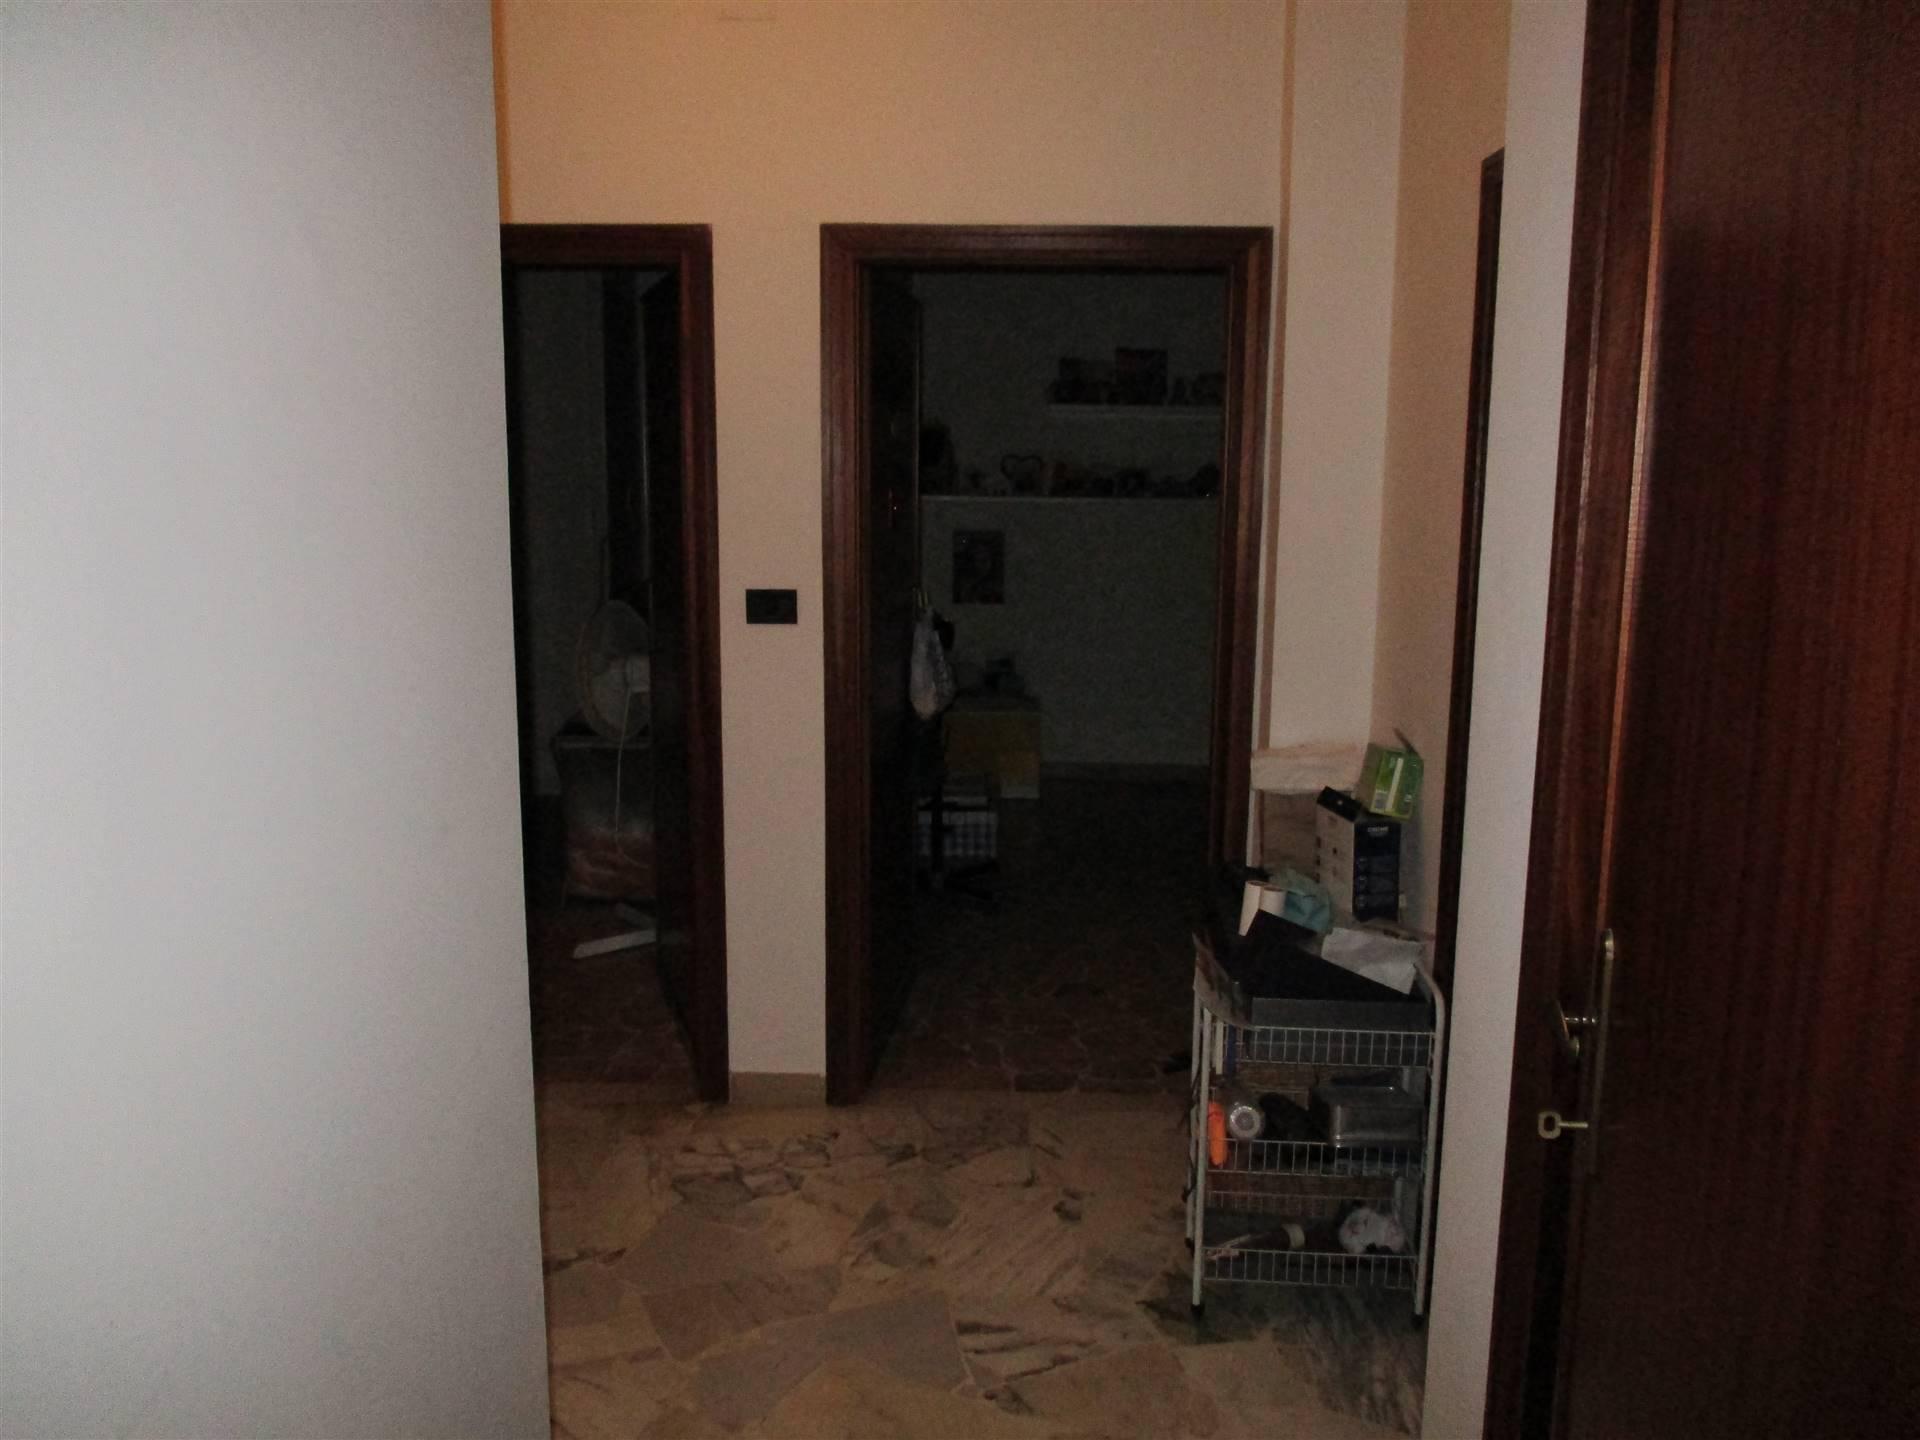 Appartamento in Vendita a Campi bisenzio zona Indicatore - immagine 9